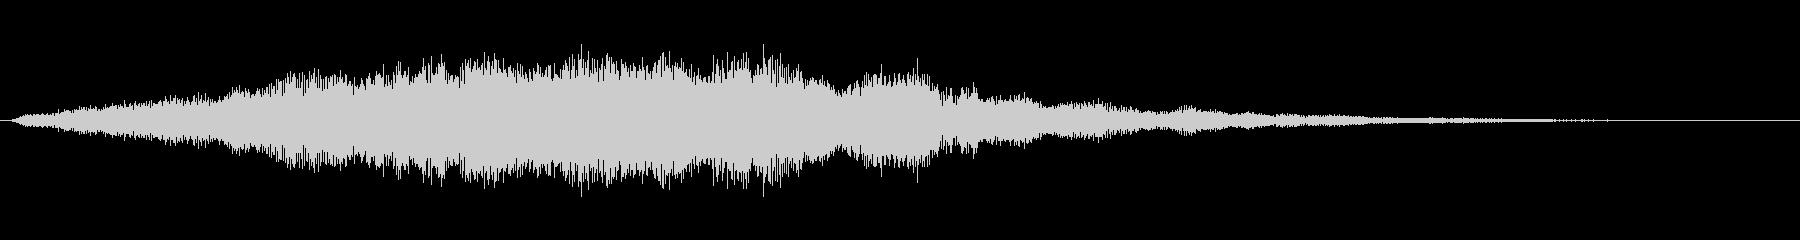 【魔法】キラキラ系効果音【回復】の未再生の波形